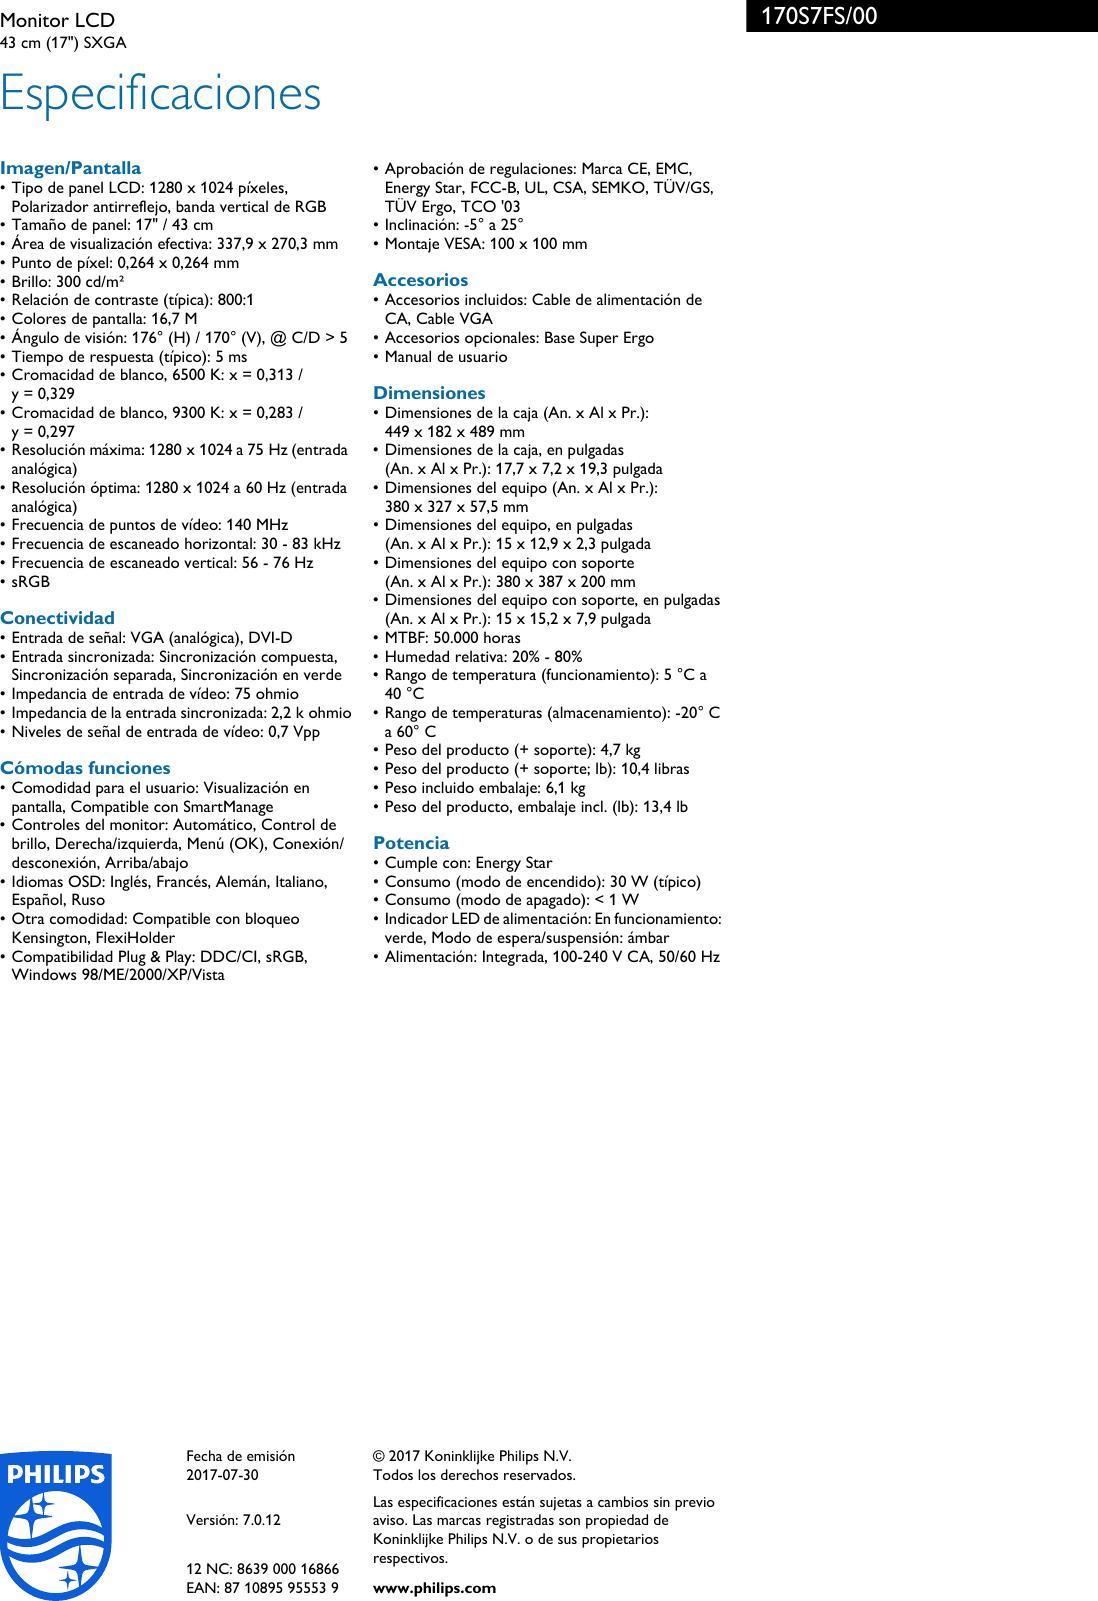 Philips 170S7FS/00 Leaflet 170S7FS_00 Released Spain